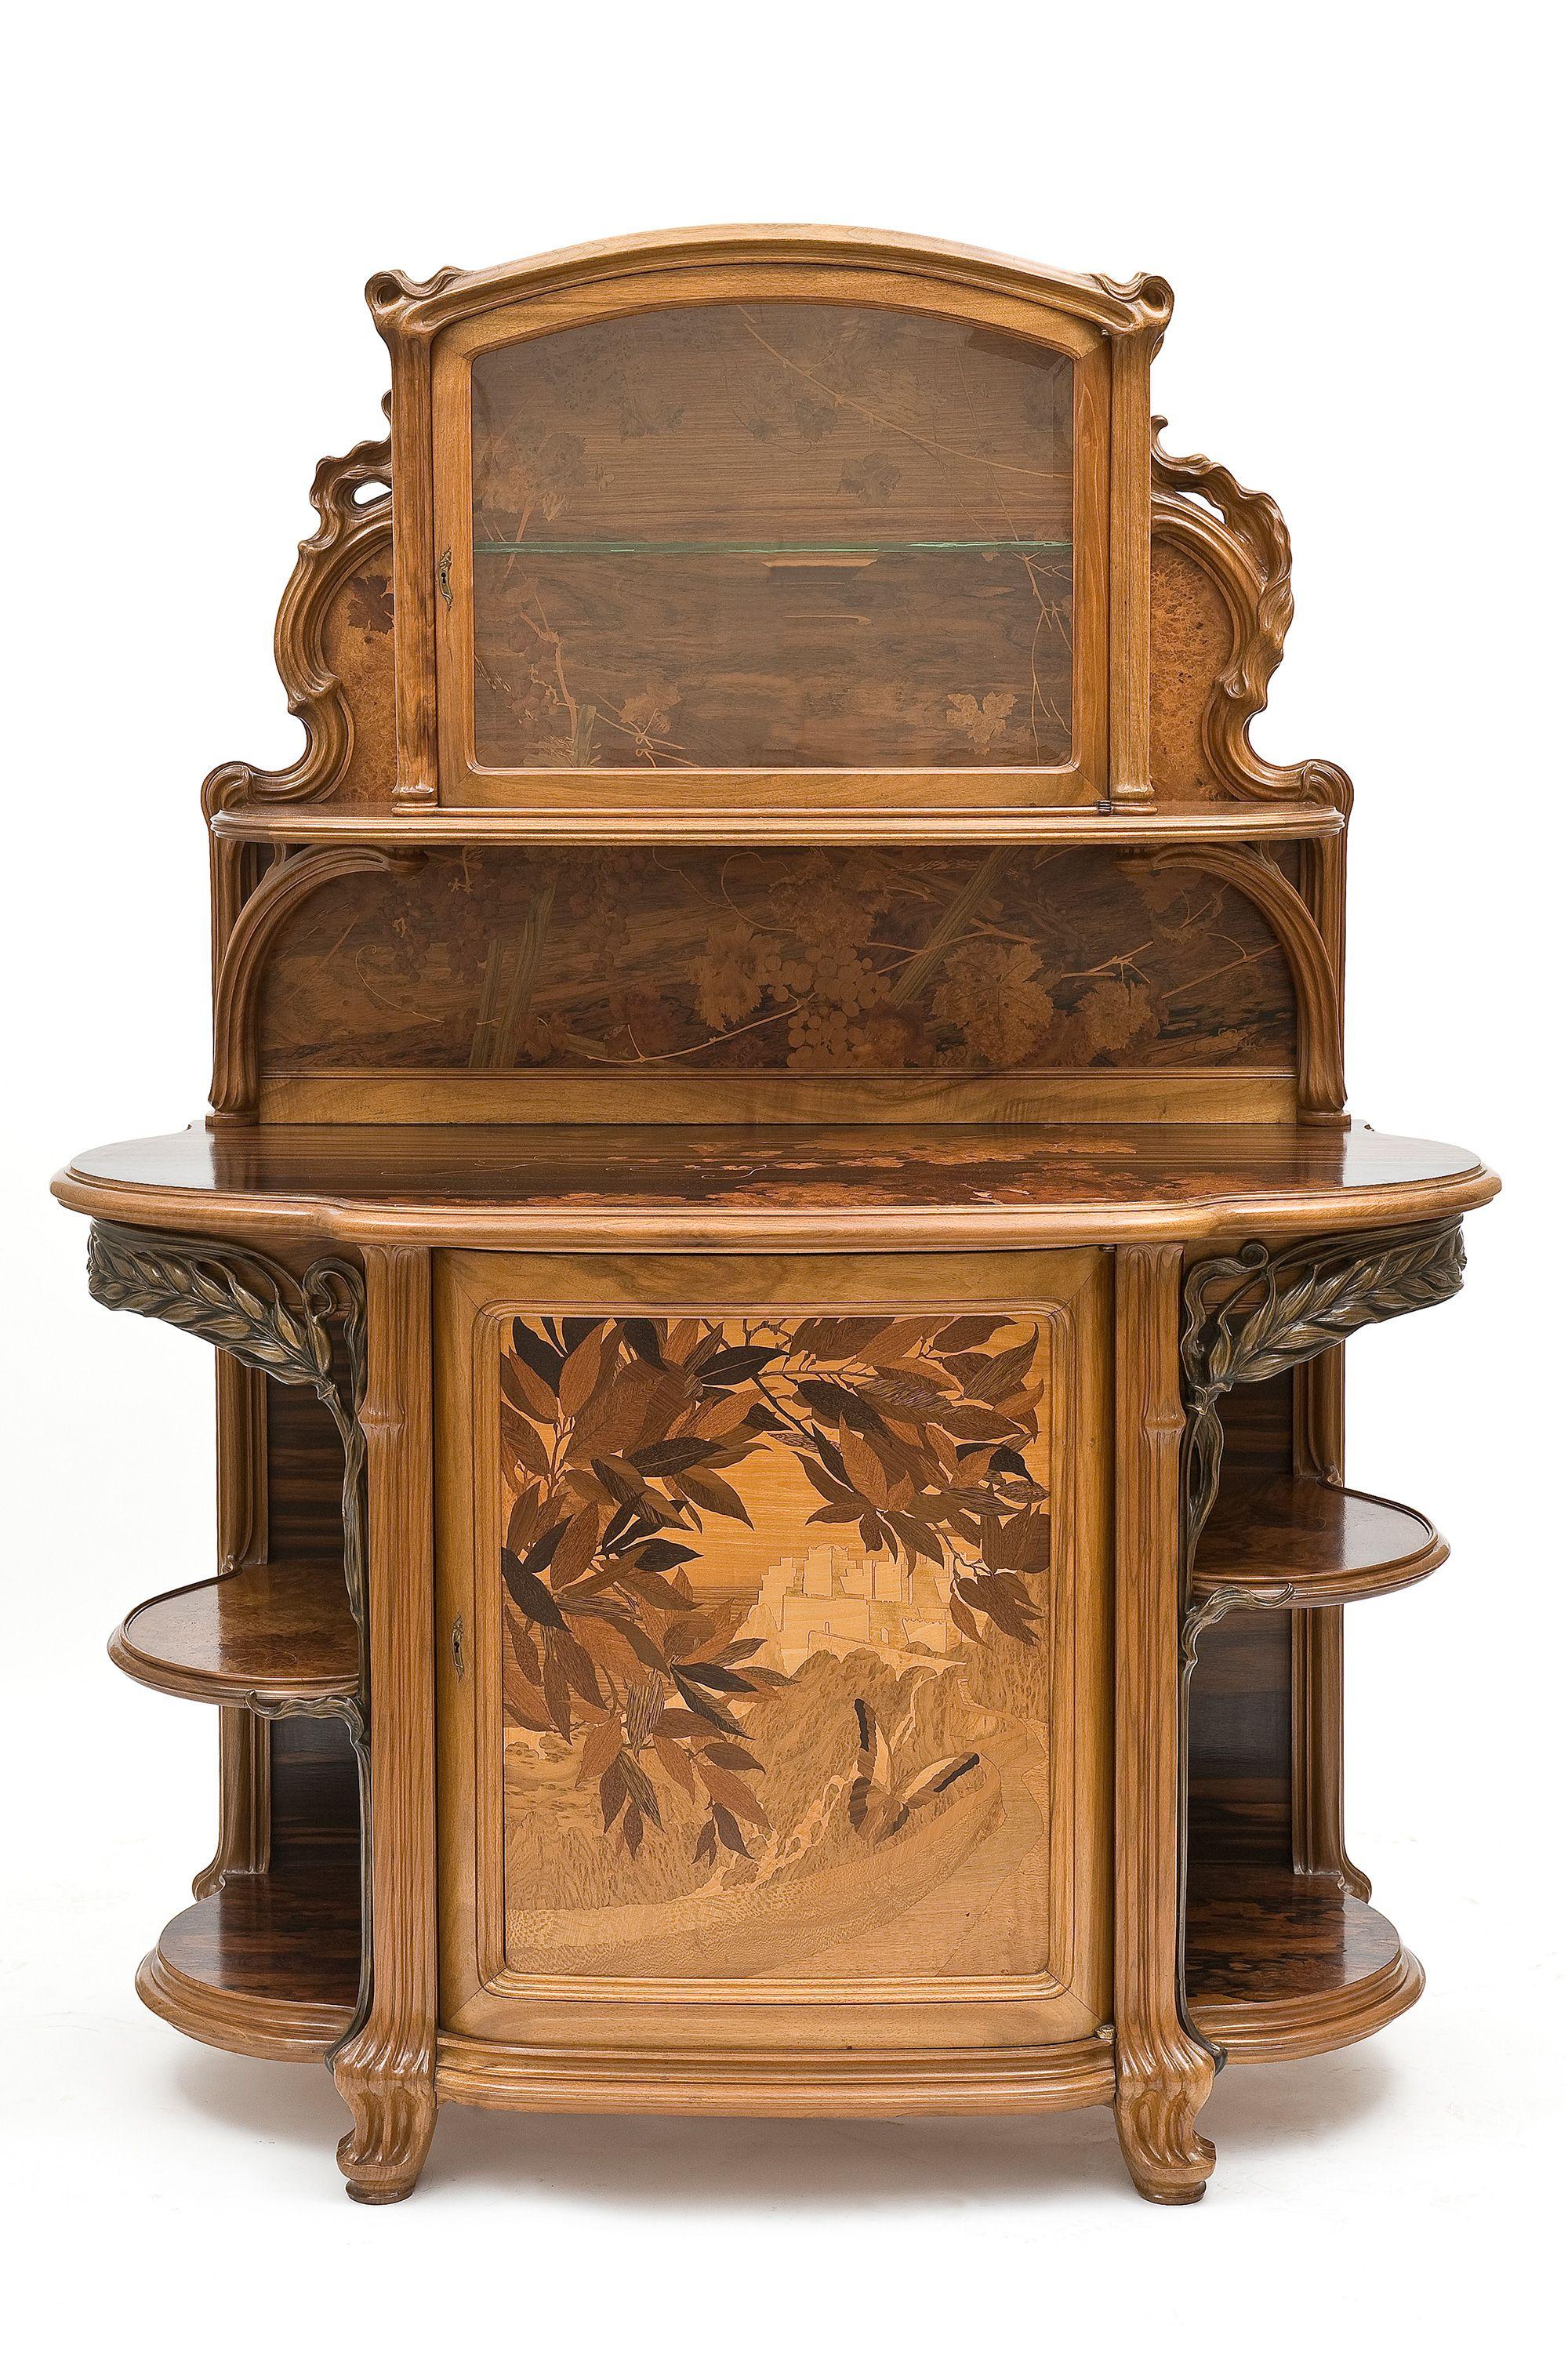 Buffet Les Vendanges Emile Galle 1846 1904 Nancy Vers 1904 Mobilier De La Salle A Manger Commande A Emile Meubles Art Nouveau Art Deco Mobilier D Art